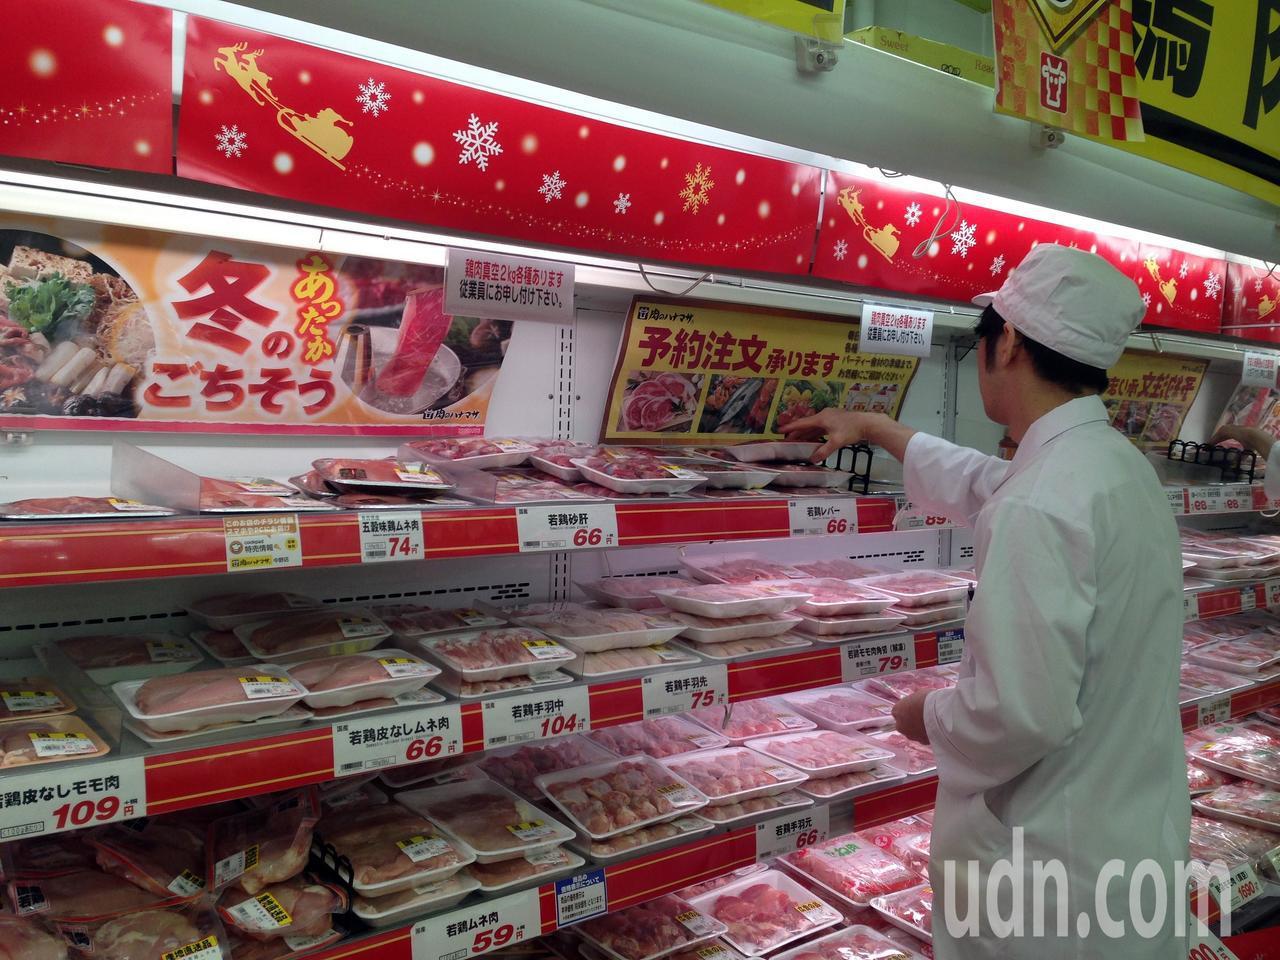 日本10月起調高消費稅,日本政府宣布食品維持8%稅率,但其定義引發爭論。圖為日本...